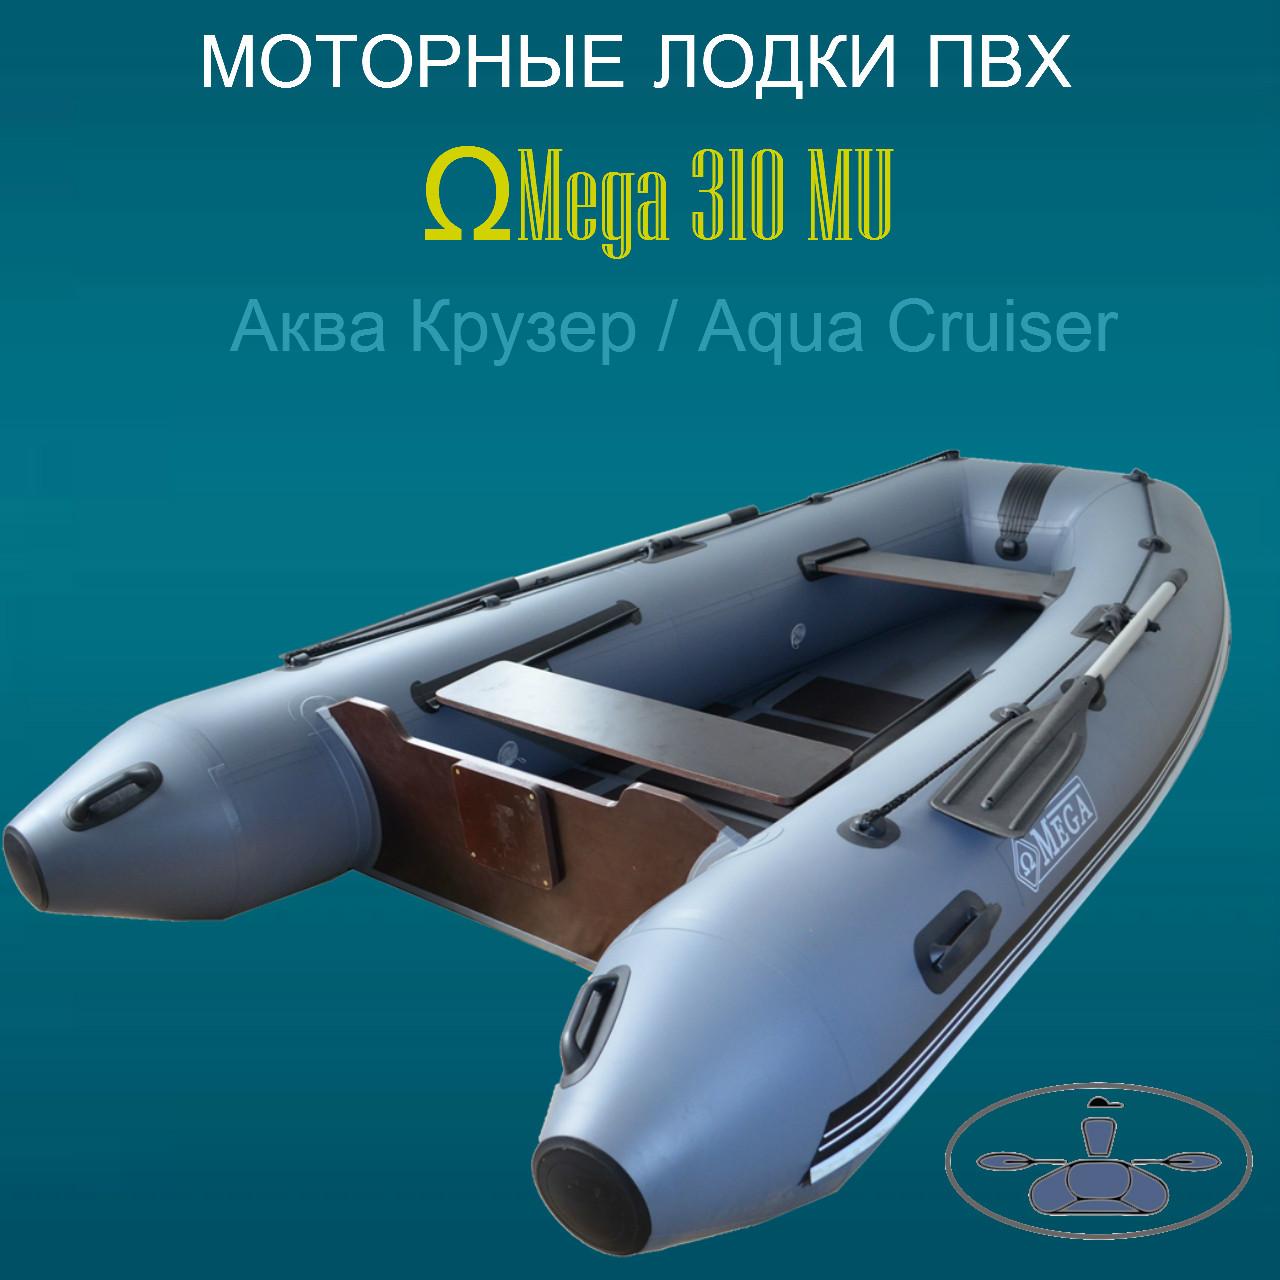 лучшие надувные лодки из пвх